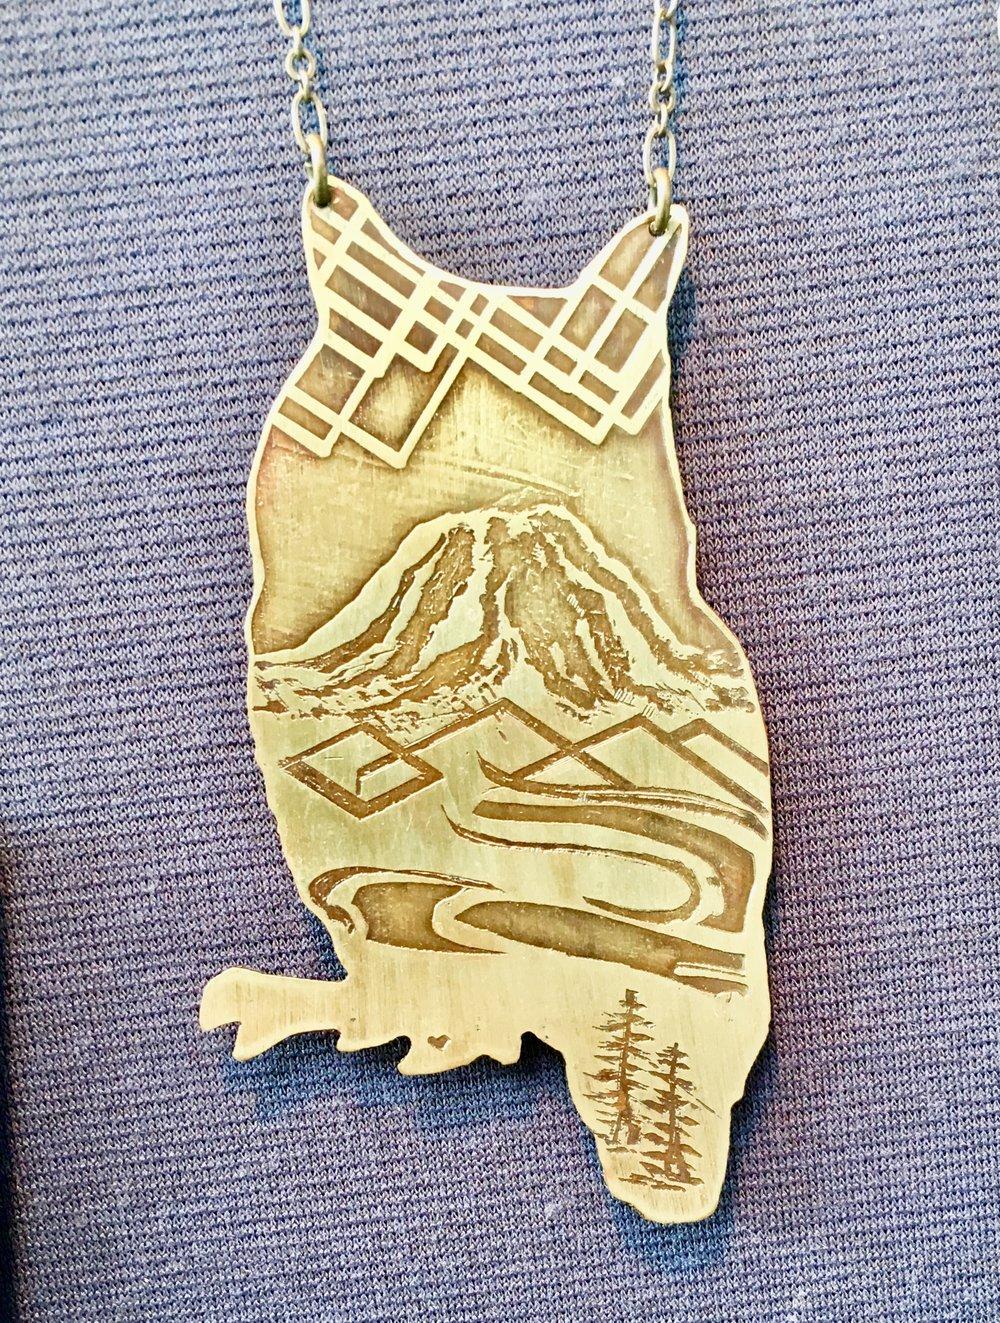 Owl Cutout Necklace w/ Mount Rainier